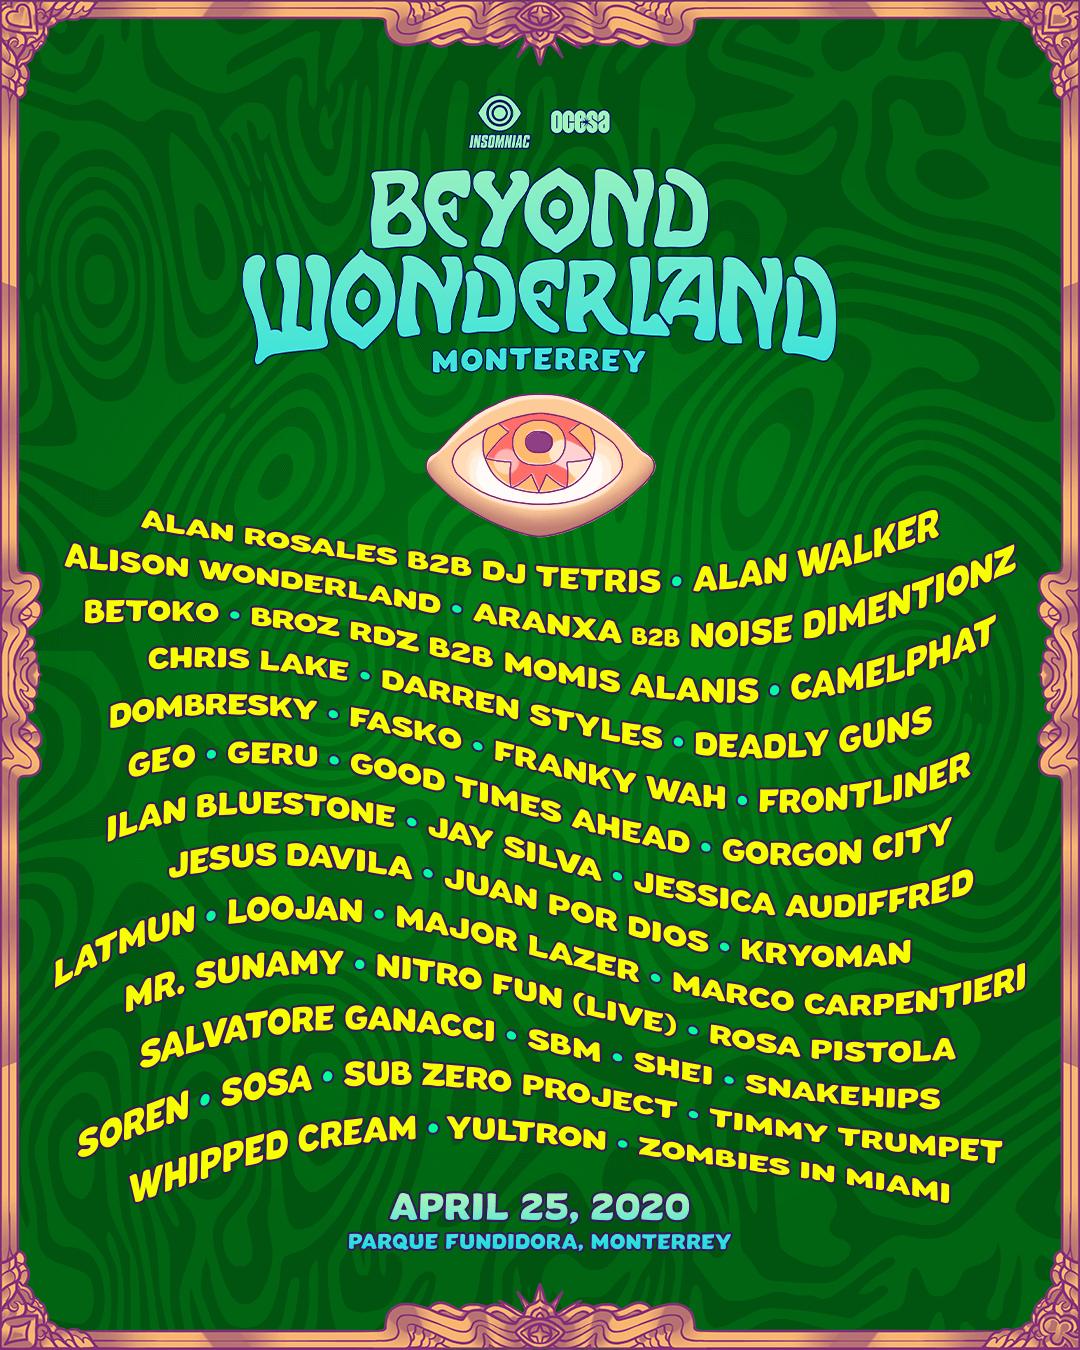 Beyond Wonderland Monterrey lineup